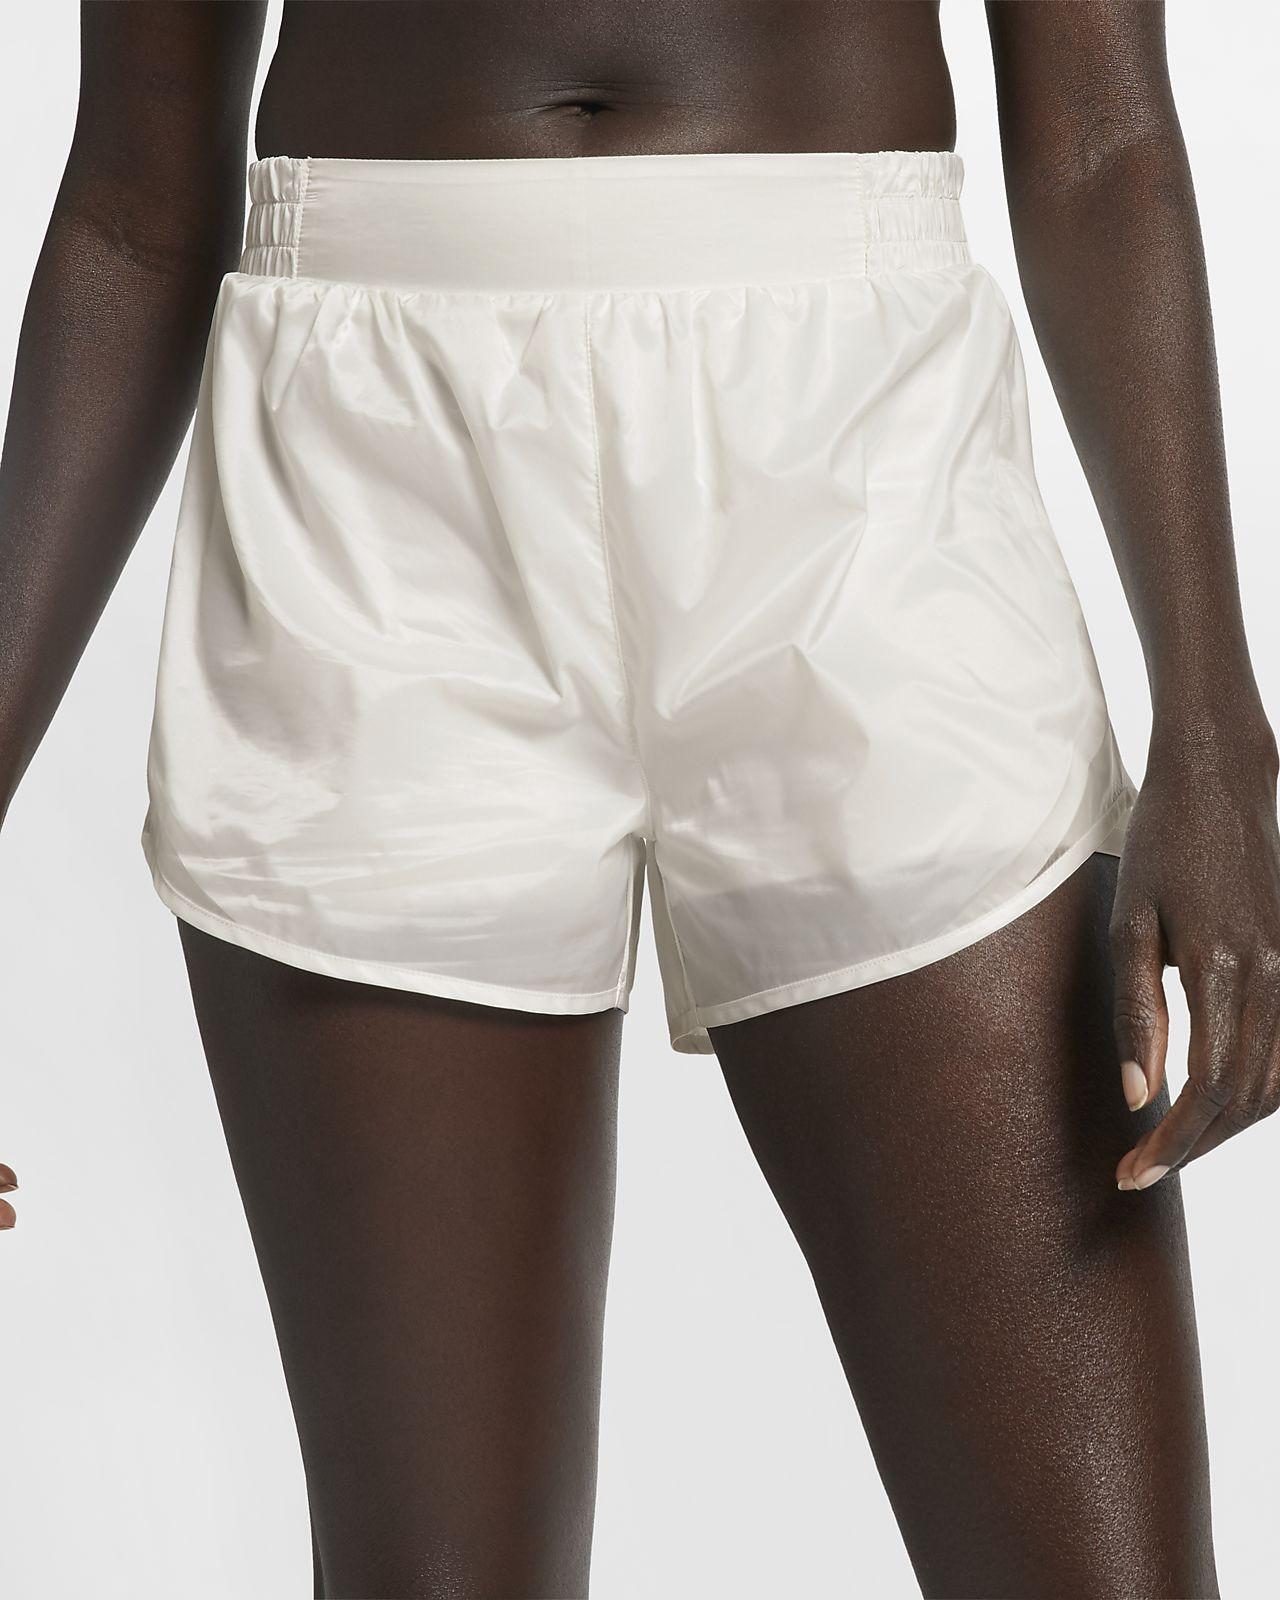 aa6d465c0d Nike Tempo Tech Pack Women's Running Shorts